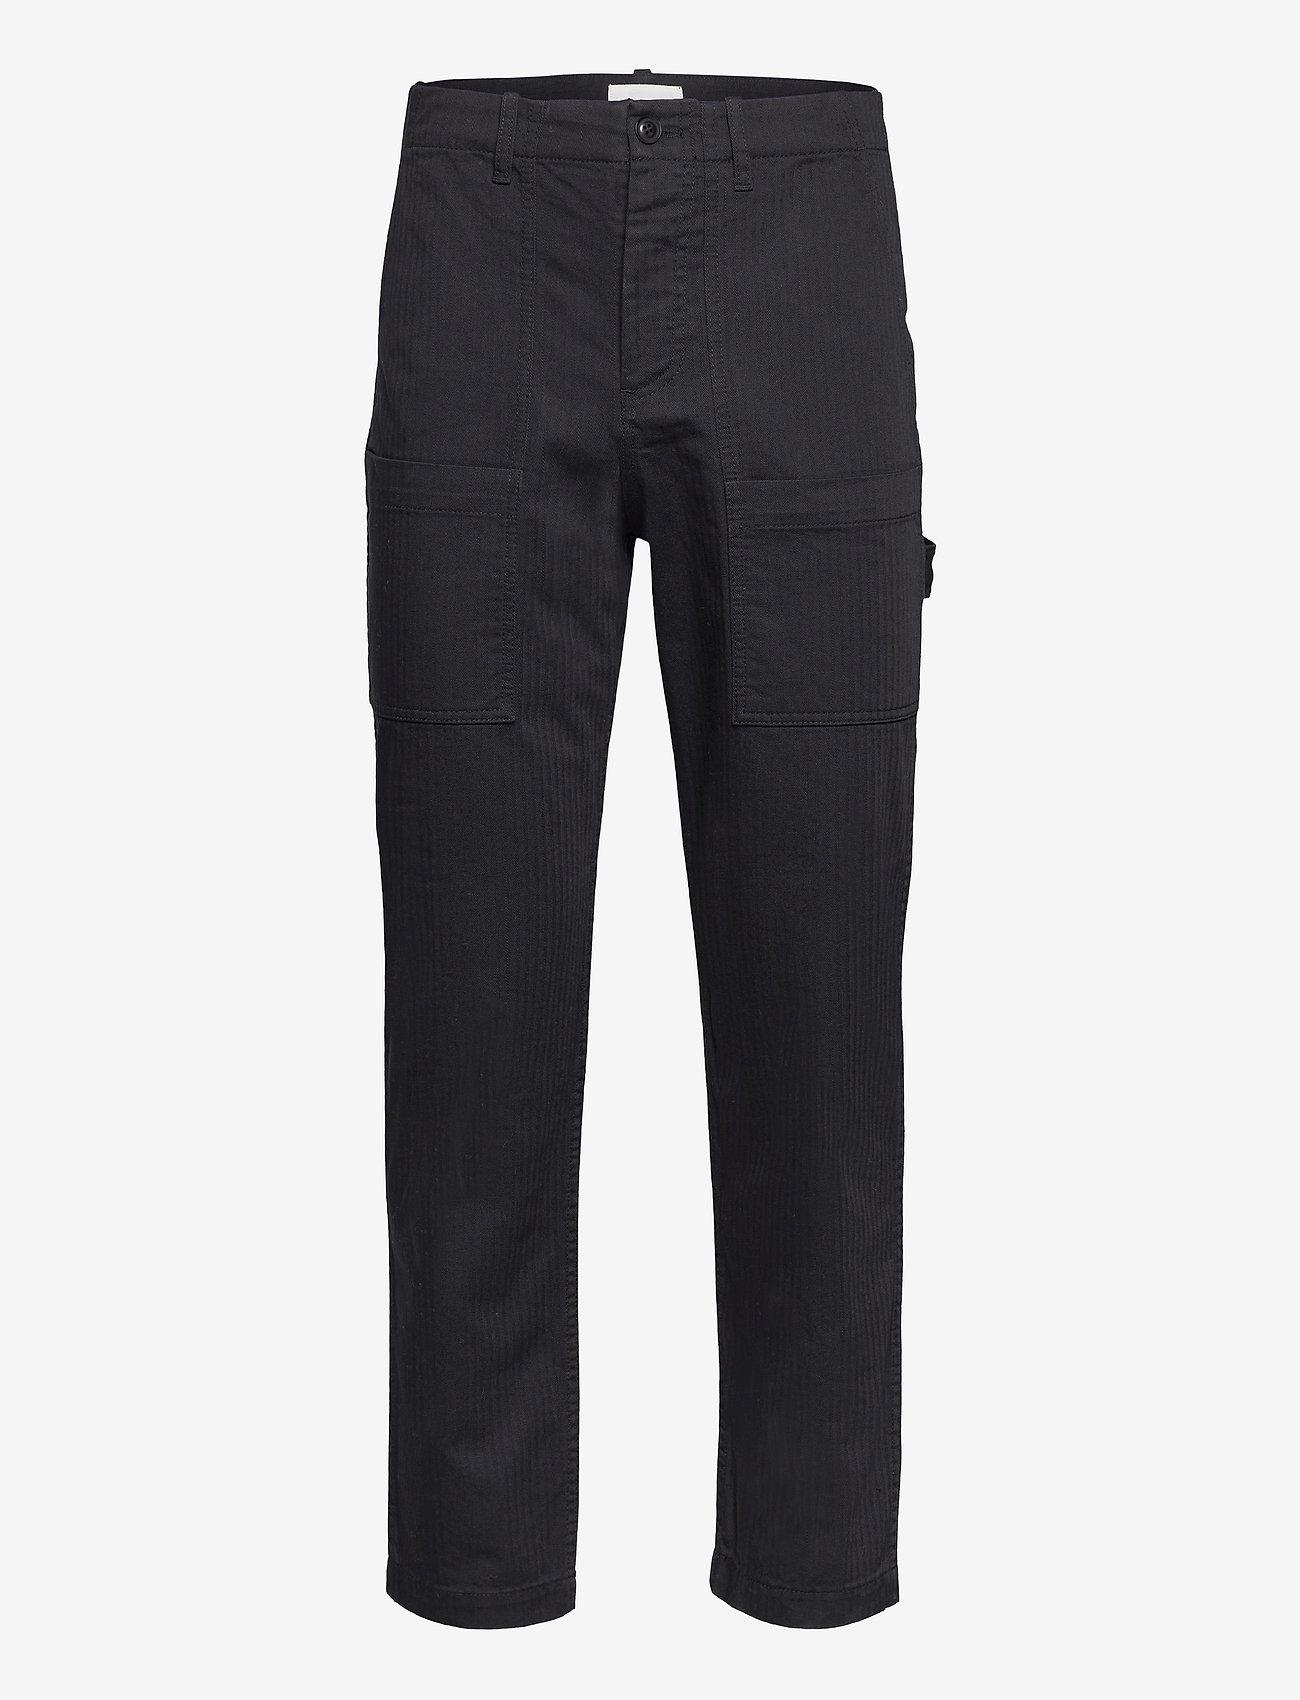 Wood Wood - Halvard trousers - cargobukser - black - 0